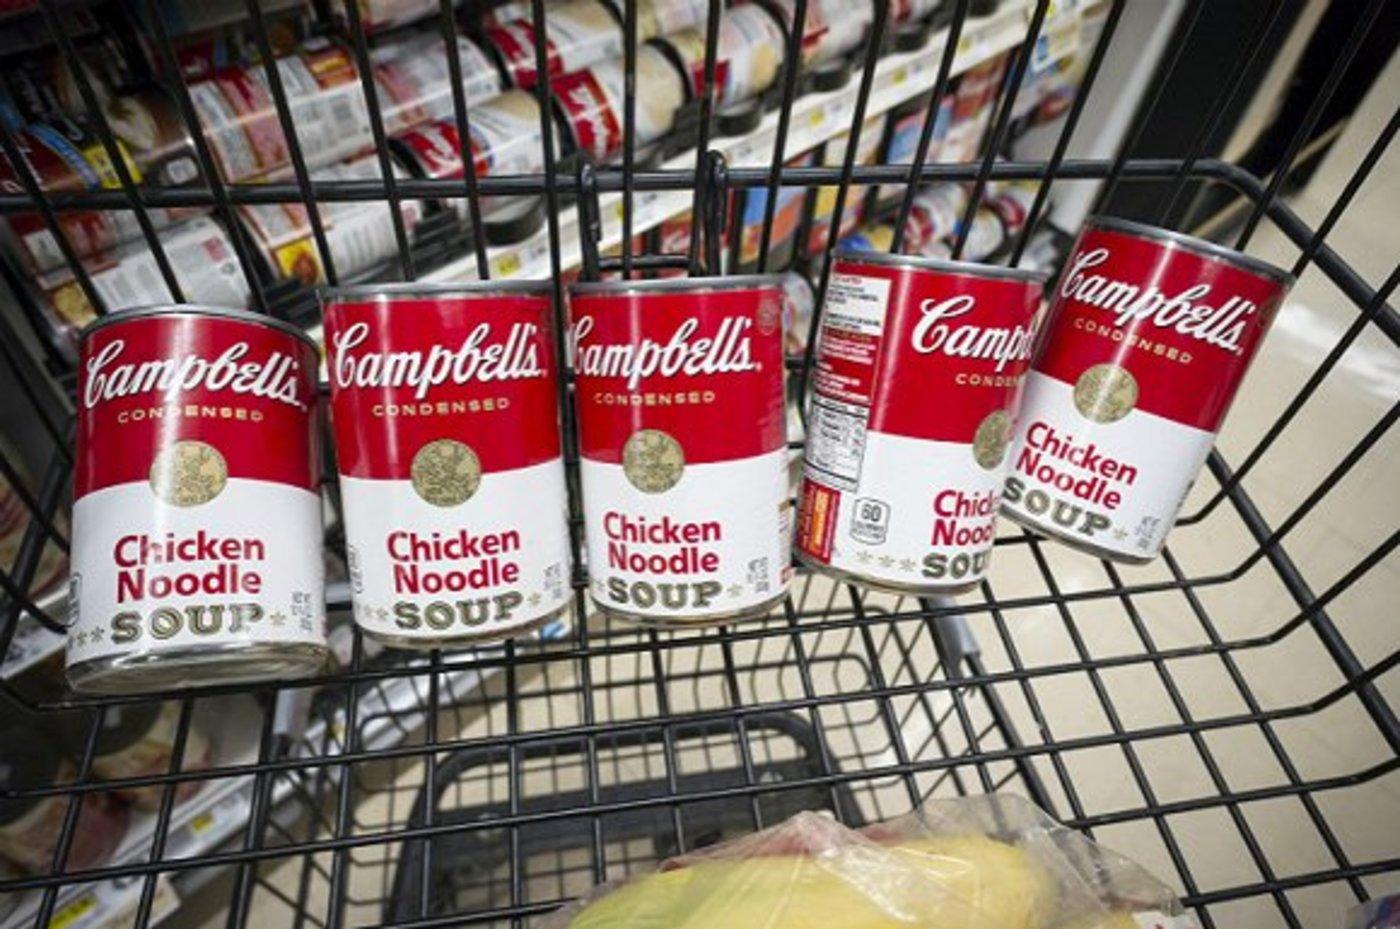 康宝品牌下的经典产品鸡汤面。图片来源:视觉中国